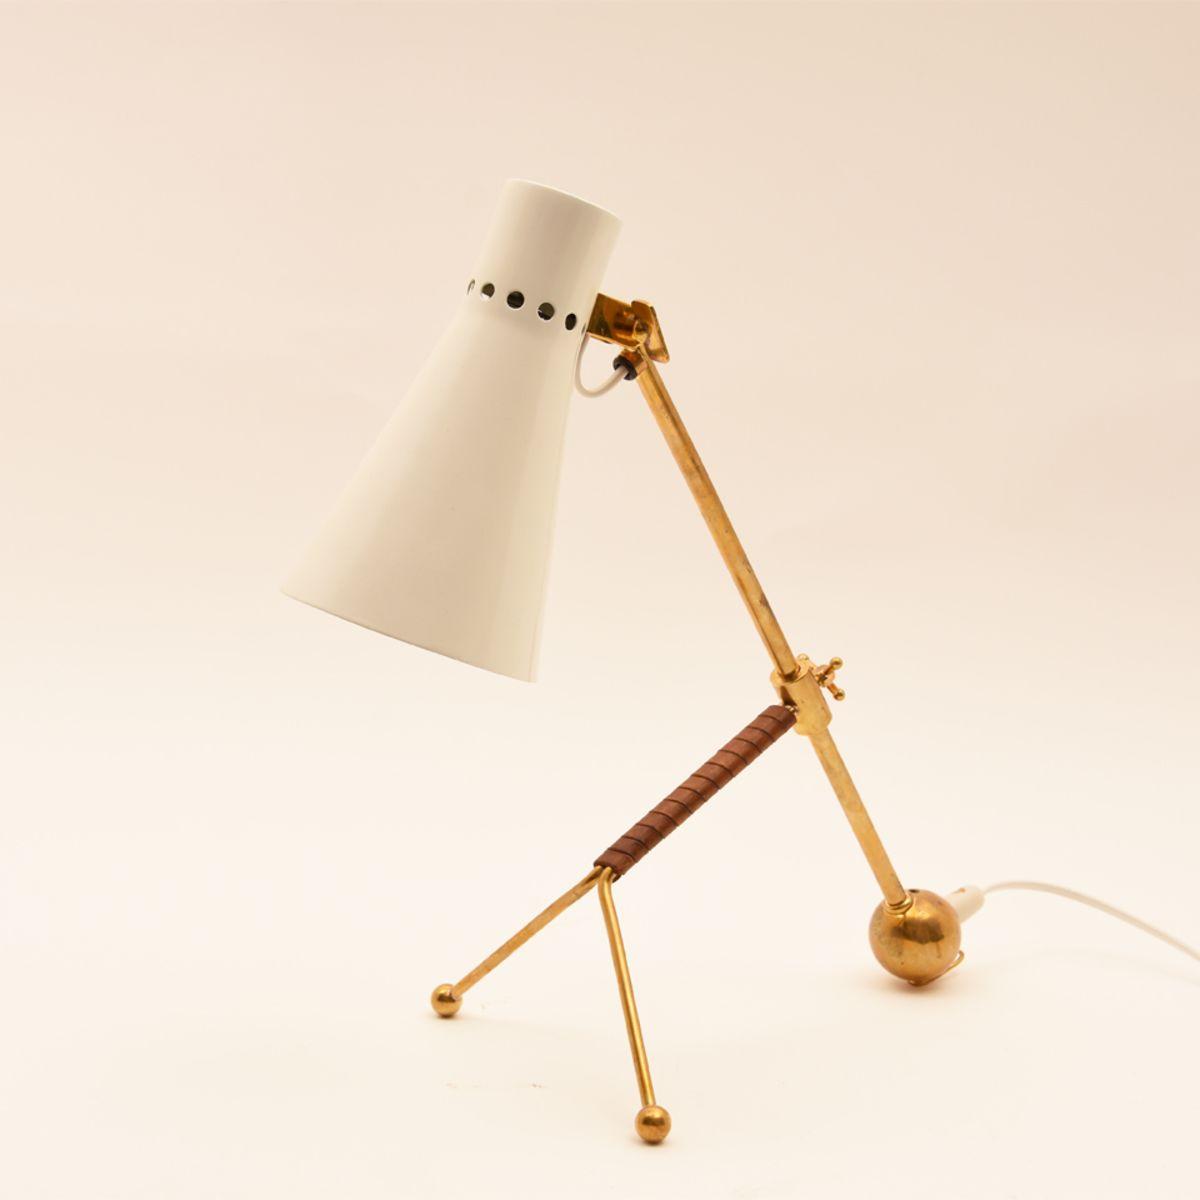 Tapio-Wirkkala_Idman-Table-Lamp